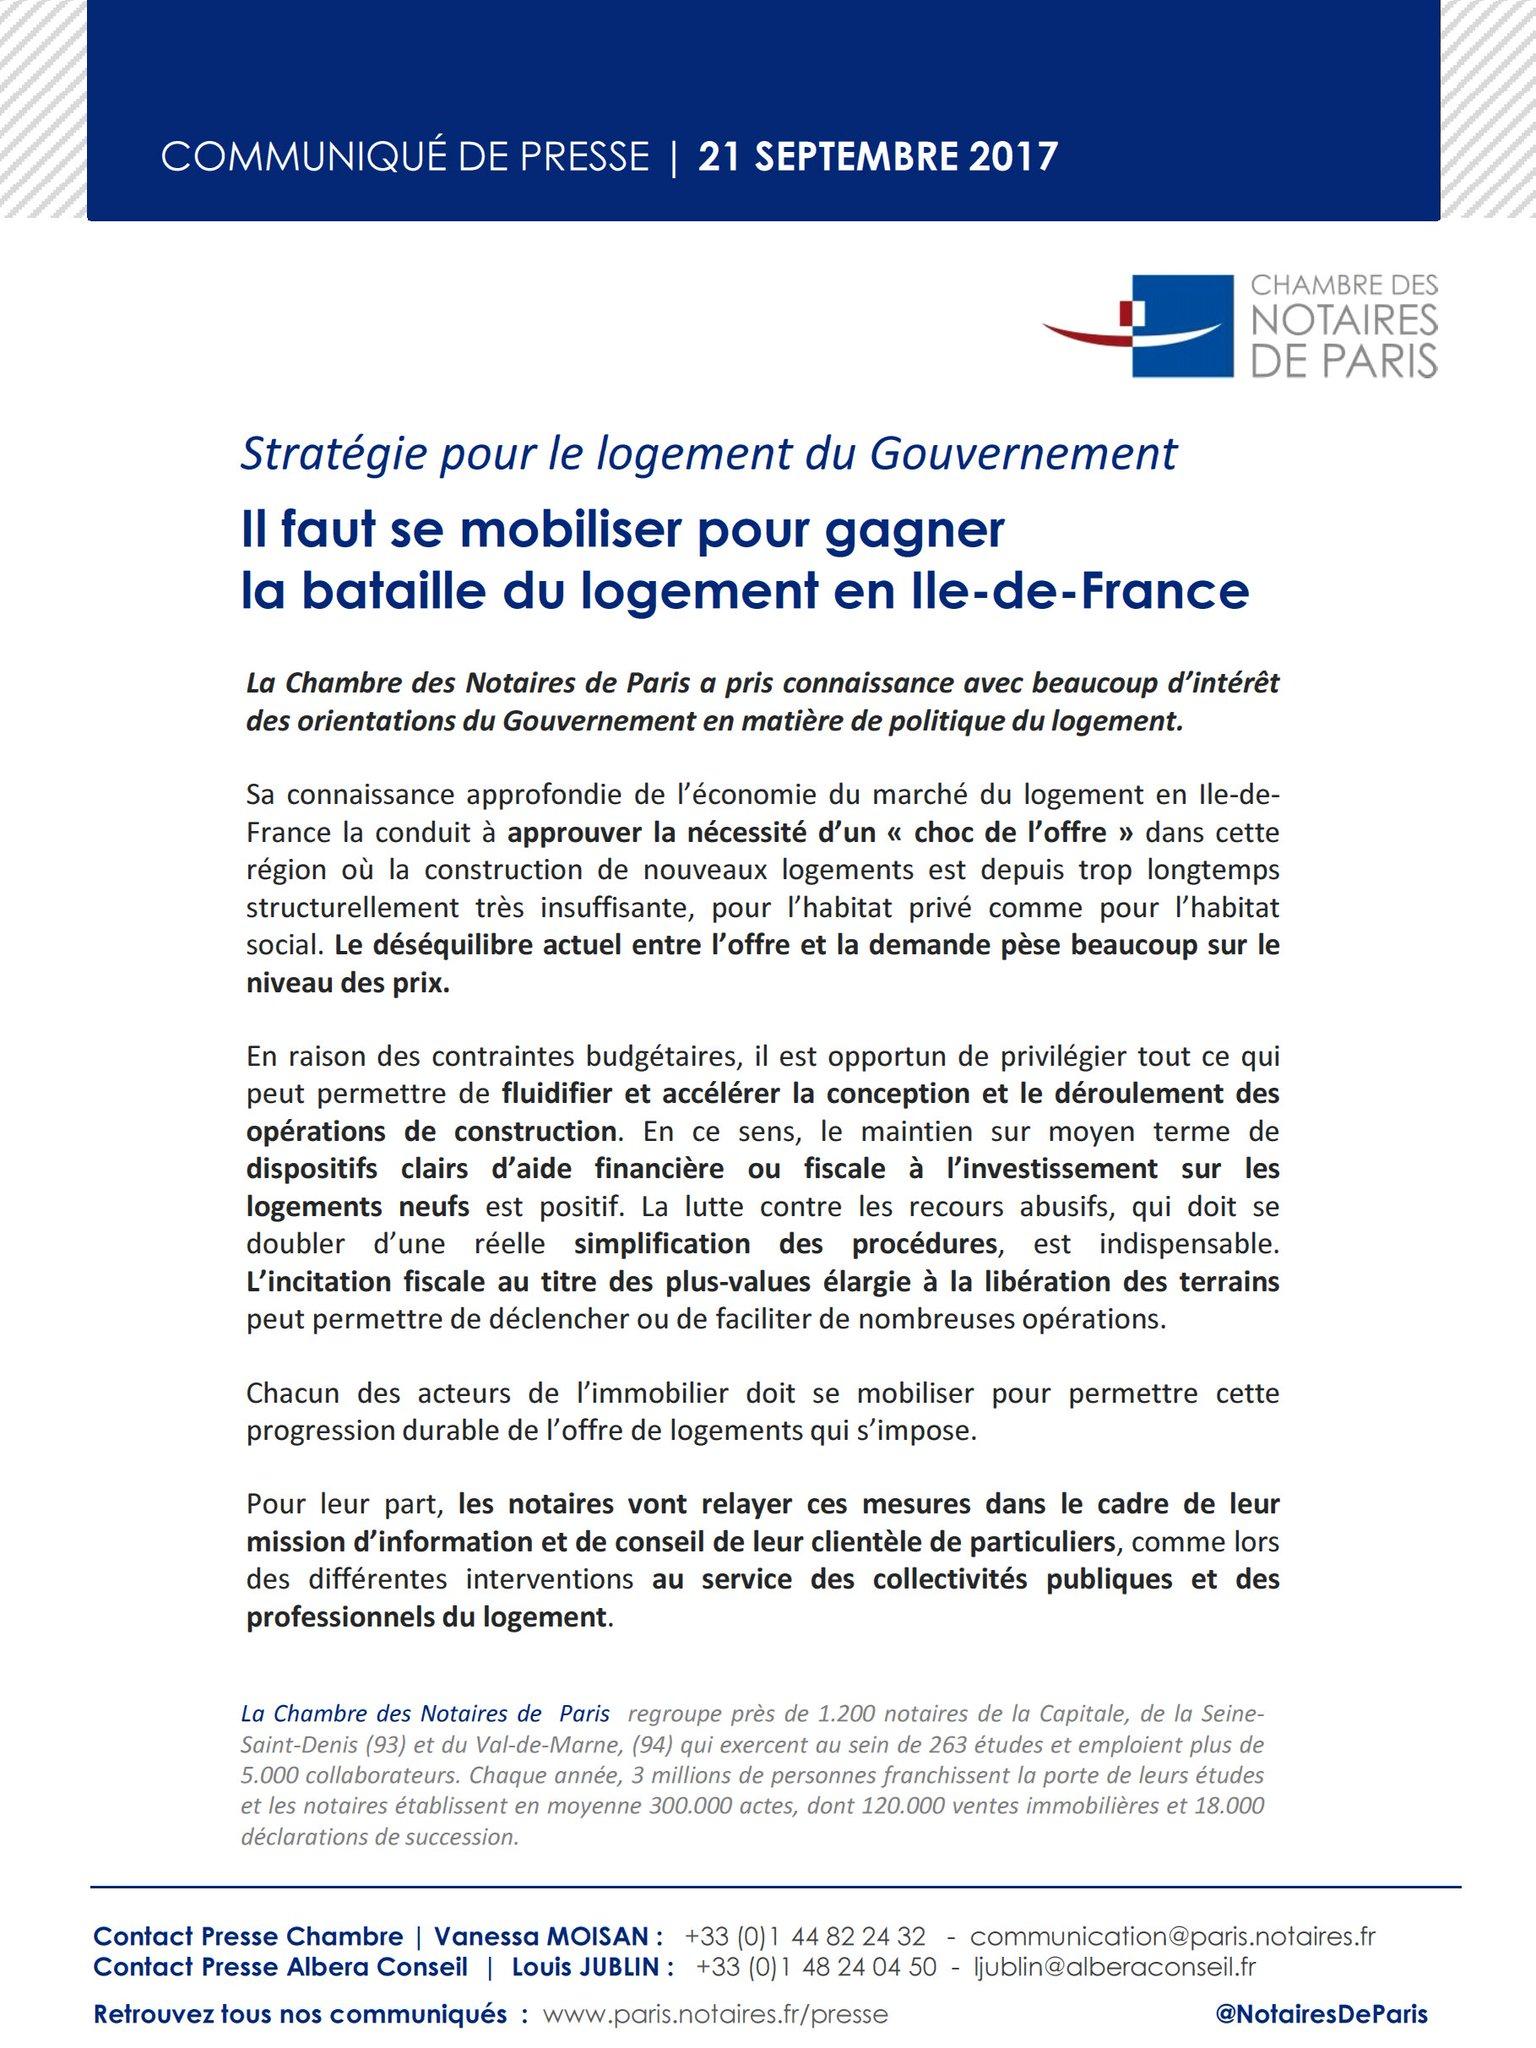 Notaires De Paris On Twitter Presse Notairesdeparis Strategielogement Se Mobiliser Pour Gagner La Bataille Du Logement En Idf Notaires